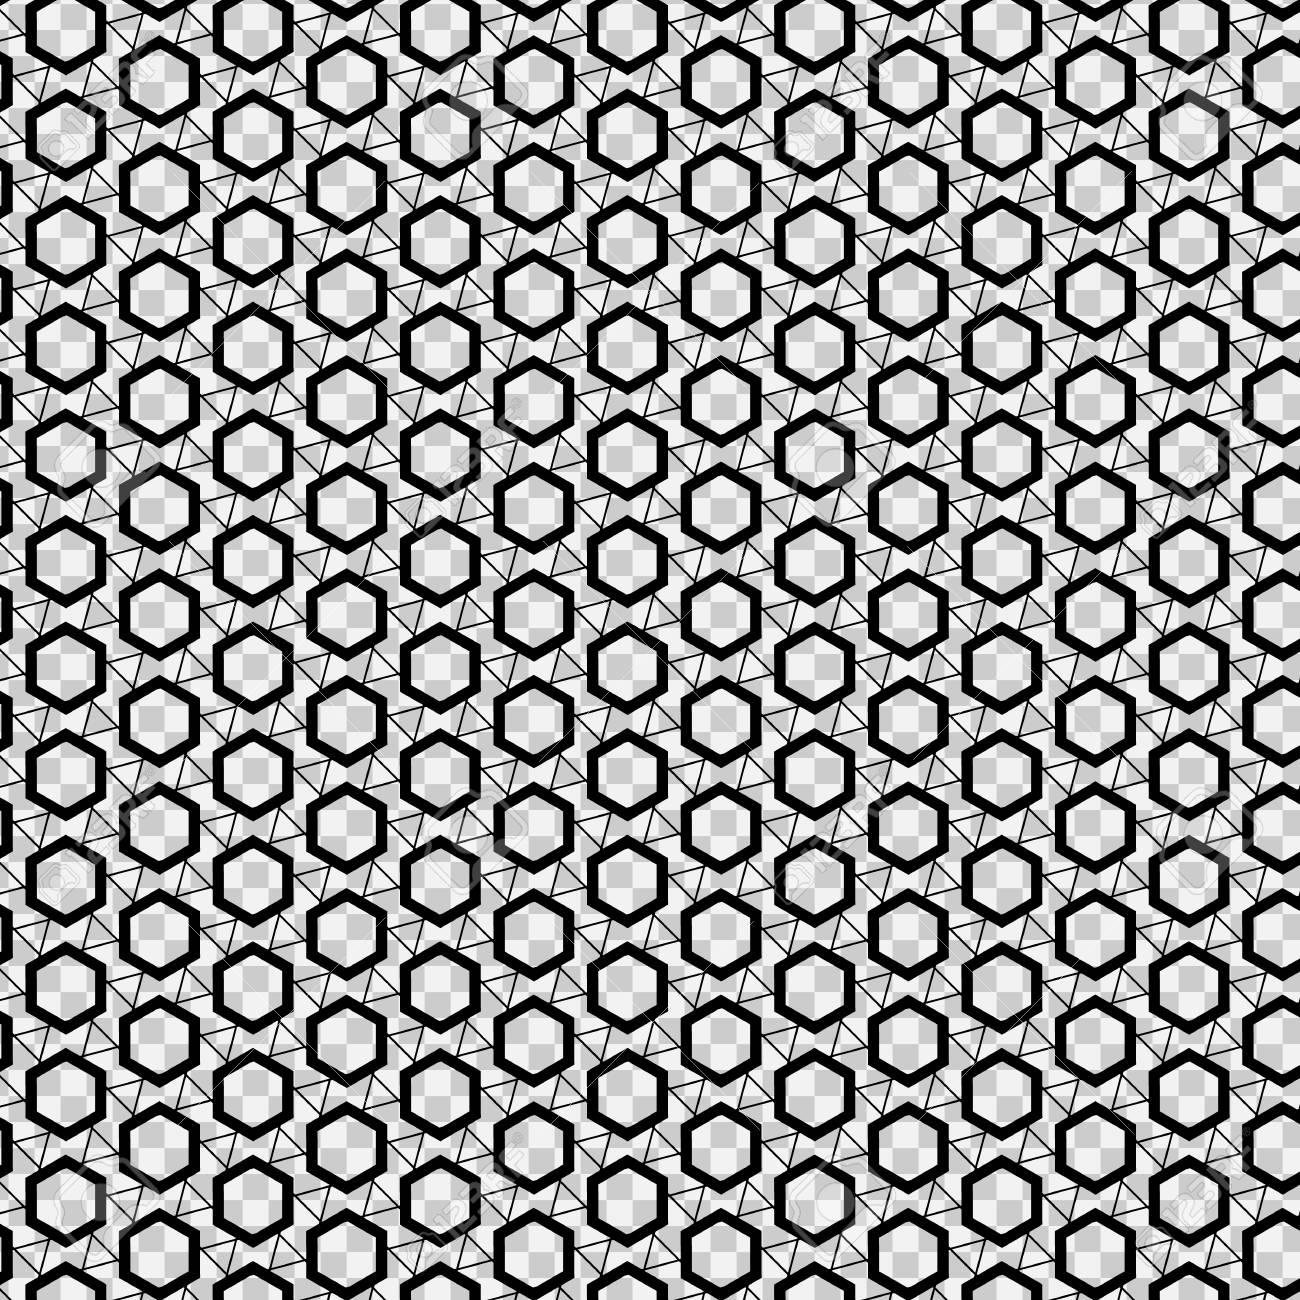 Textura Inconsútil Del Hexágono En El Fondo Transparente. Vector ...